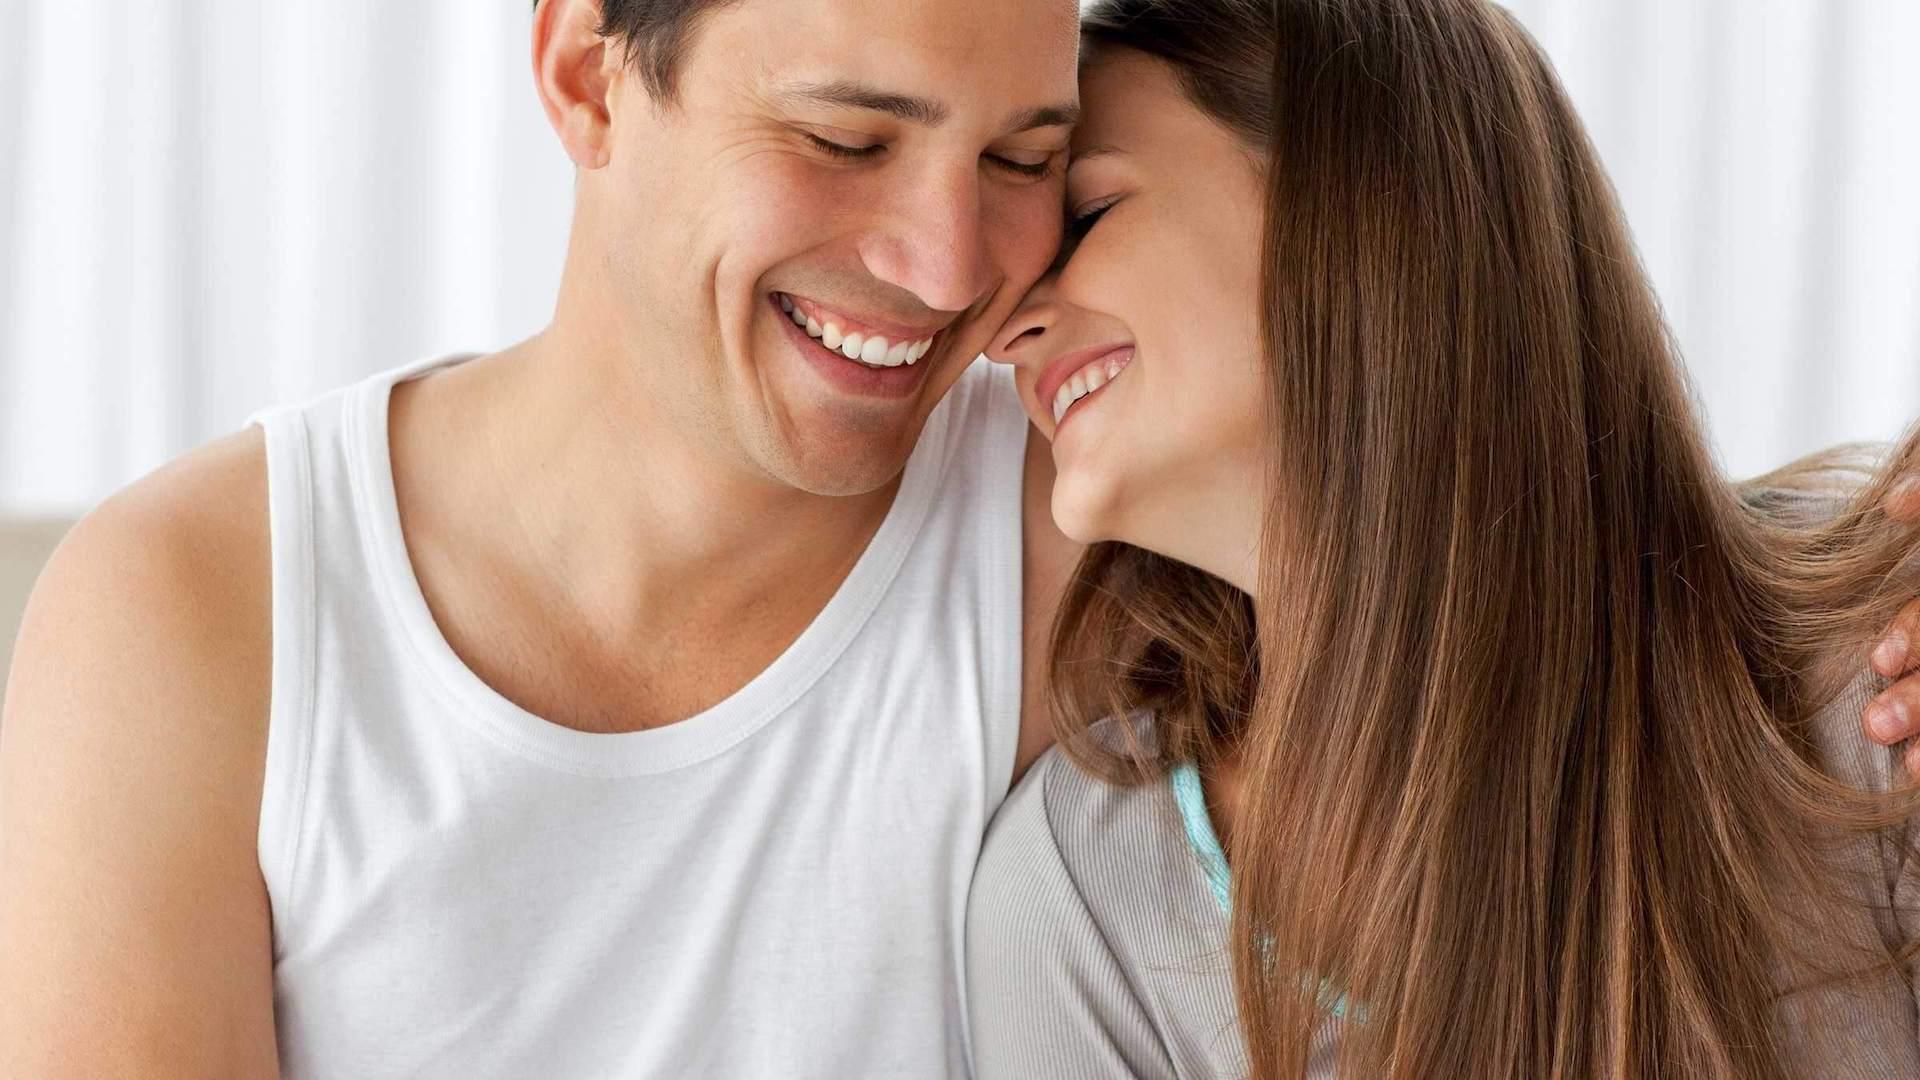 Gruppo Donnamed clienti | Fecondazione assistita, Papilloma Virus, Andrologia e sessualità